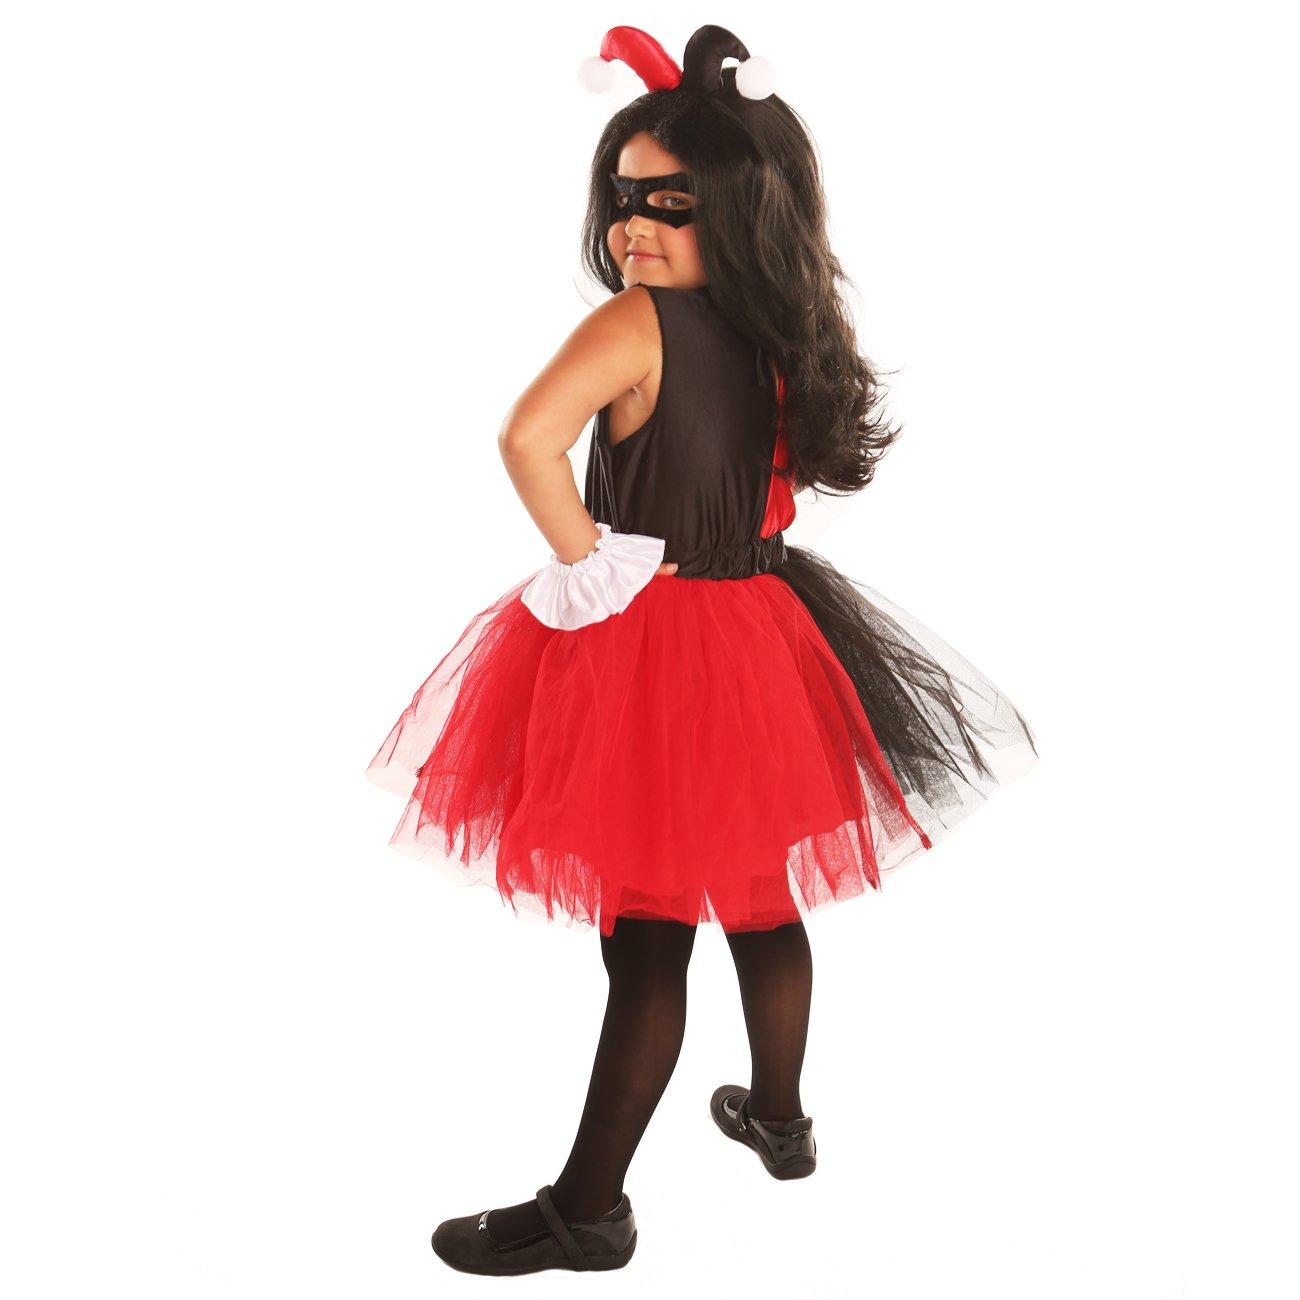 Amazon.com: disiao Harley Quinn payaso Halloween disfraz de ...